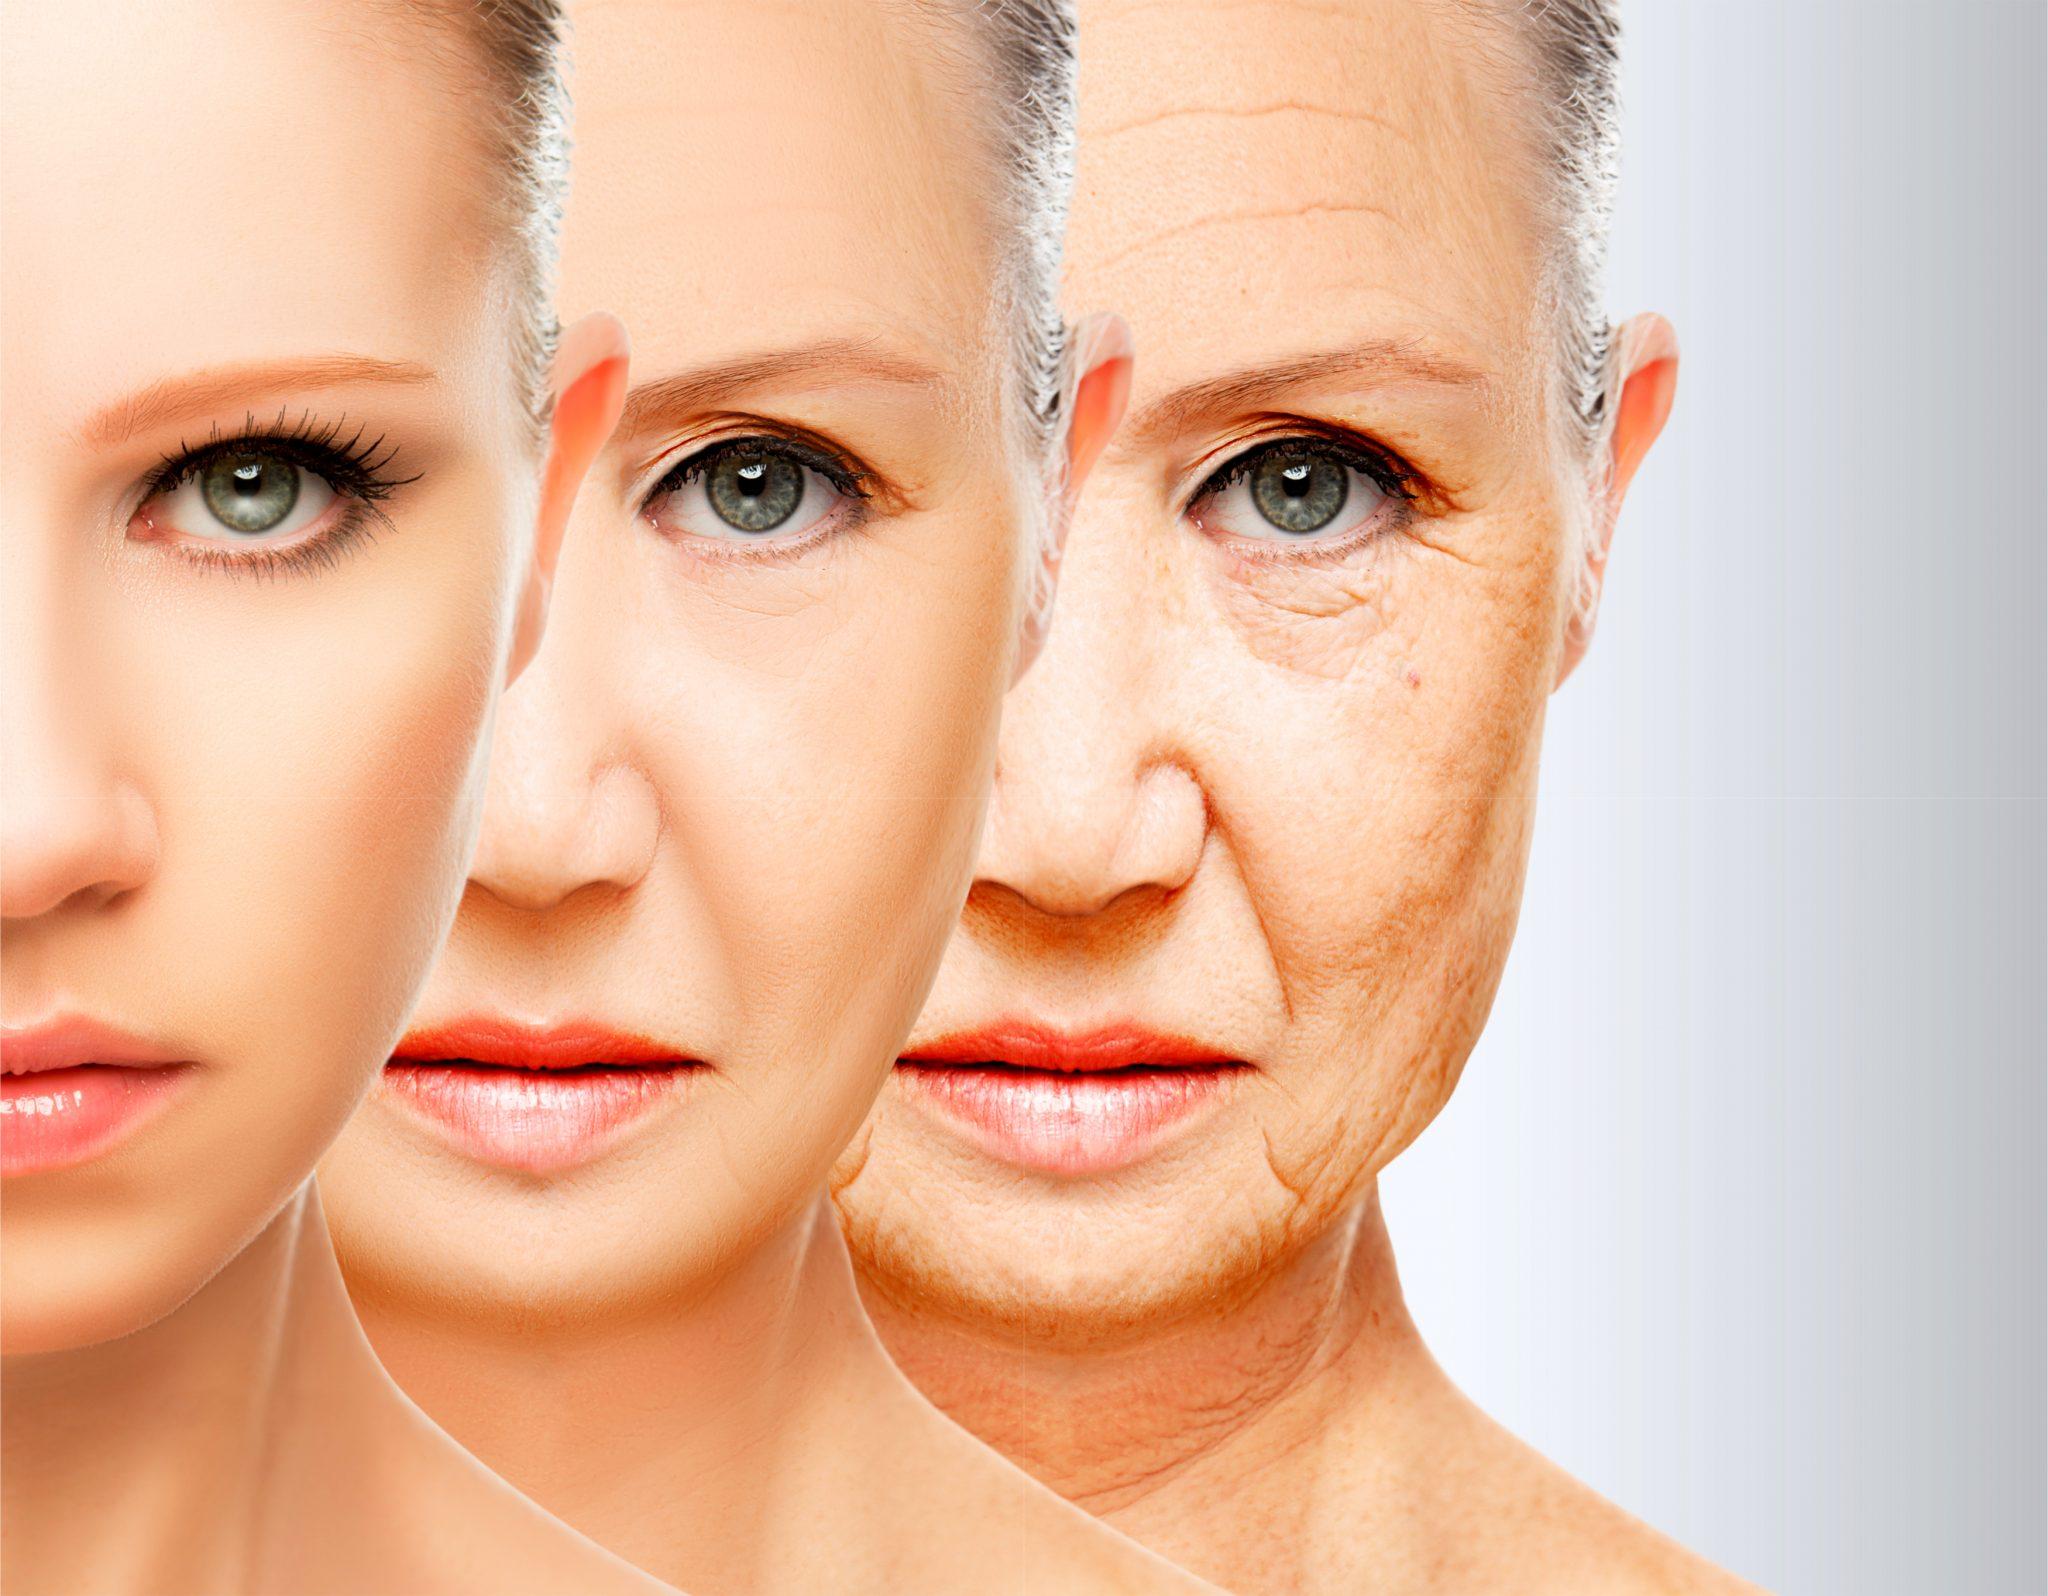 活性酸素の影響で肌に影響がでるシミュレーション画像